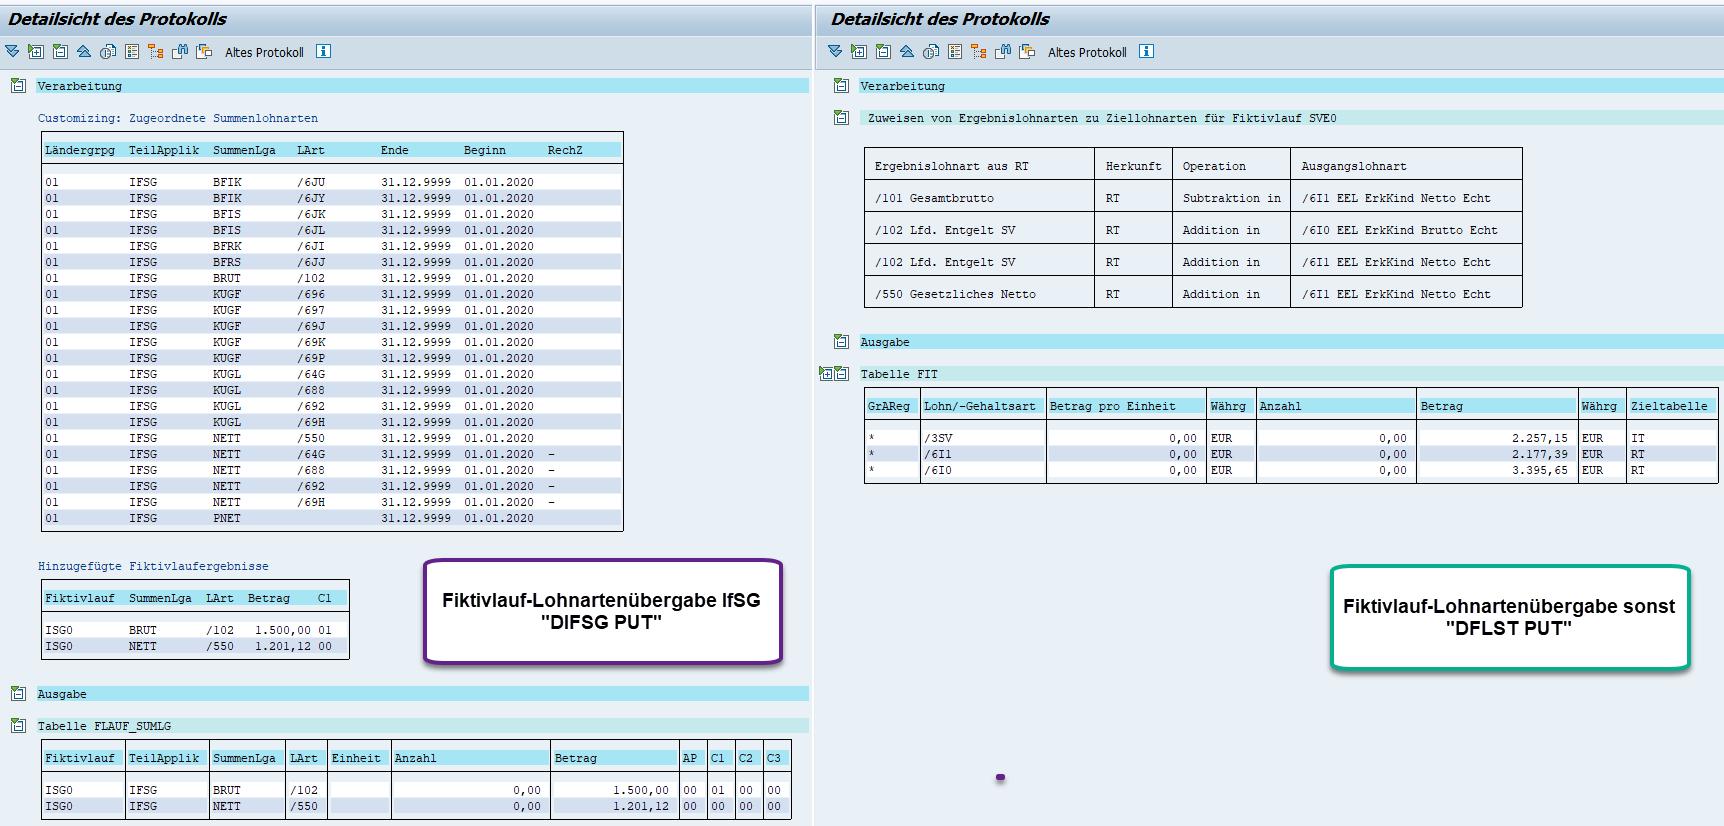 Lohnartenübergabe im Universalfiktivlaufschema (DA07) der Entgeltabrechnung im SAP HCM im Detail (IfSG vs. sonstige Fiktivläufe)